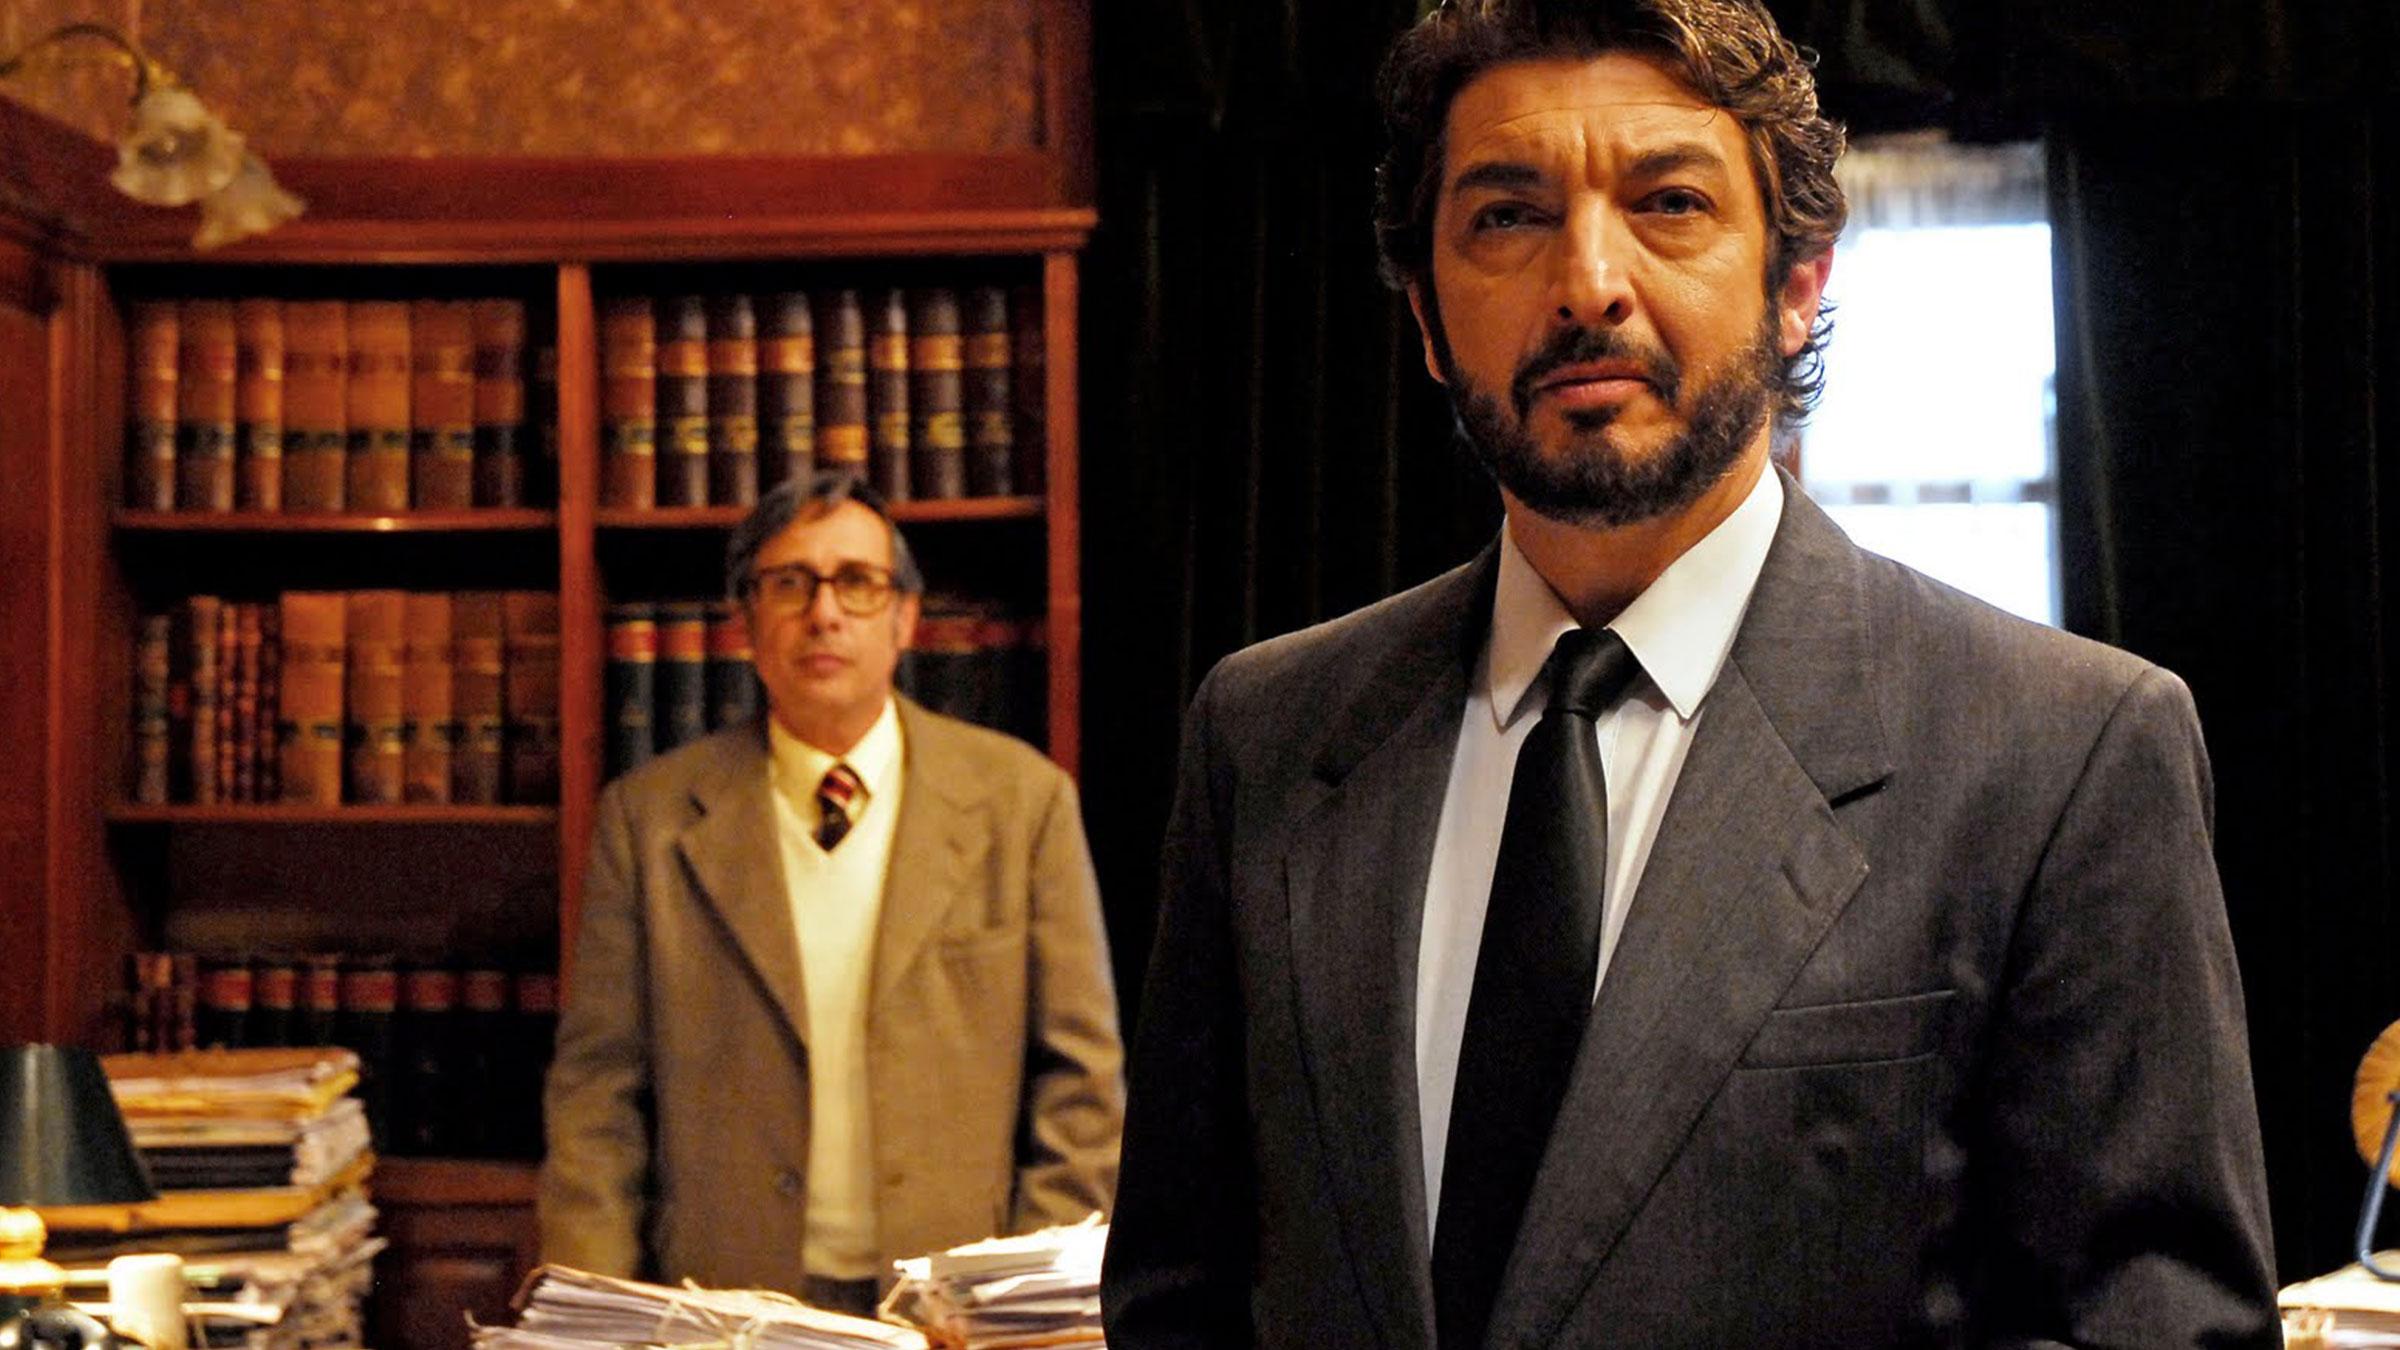 Suç ve Ceza <br> Arjantin Hikâyeleri